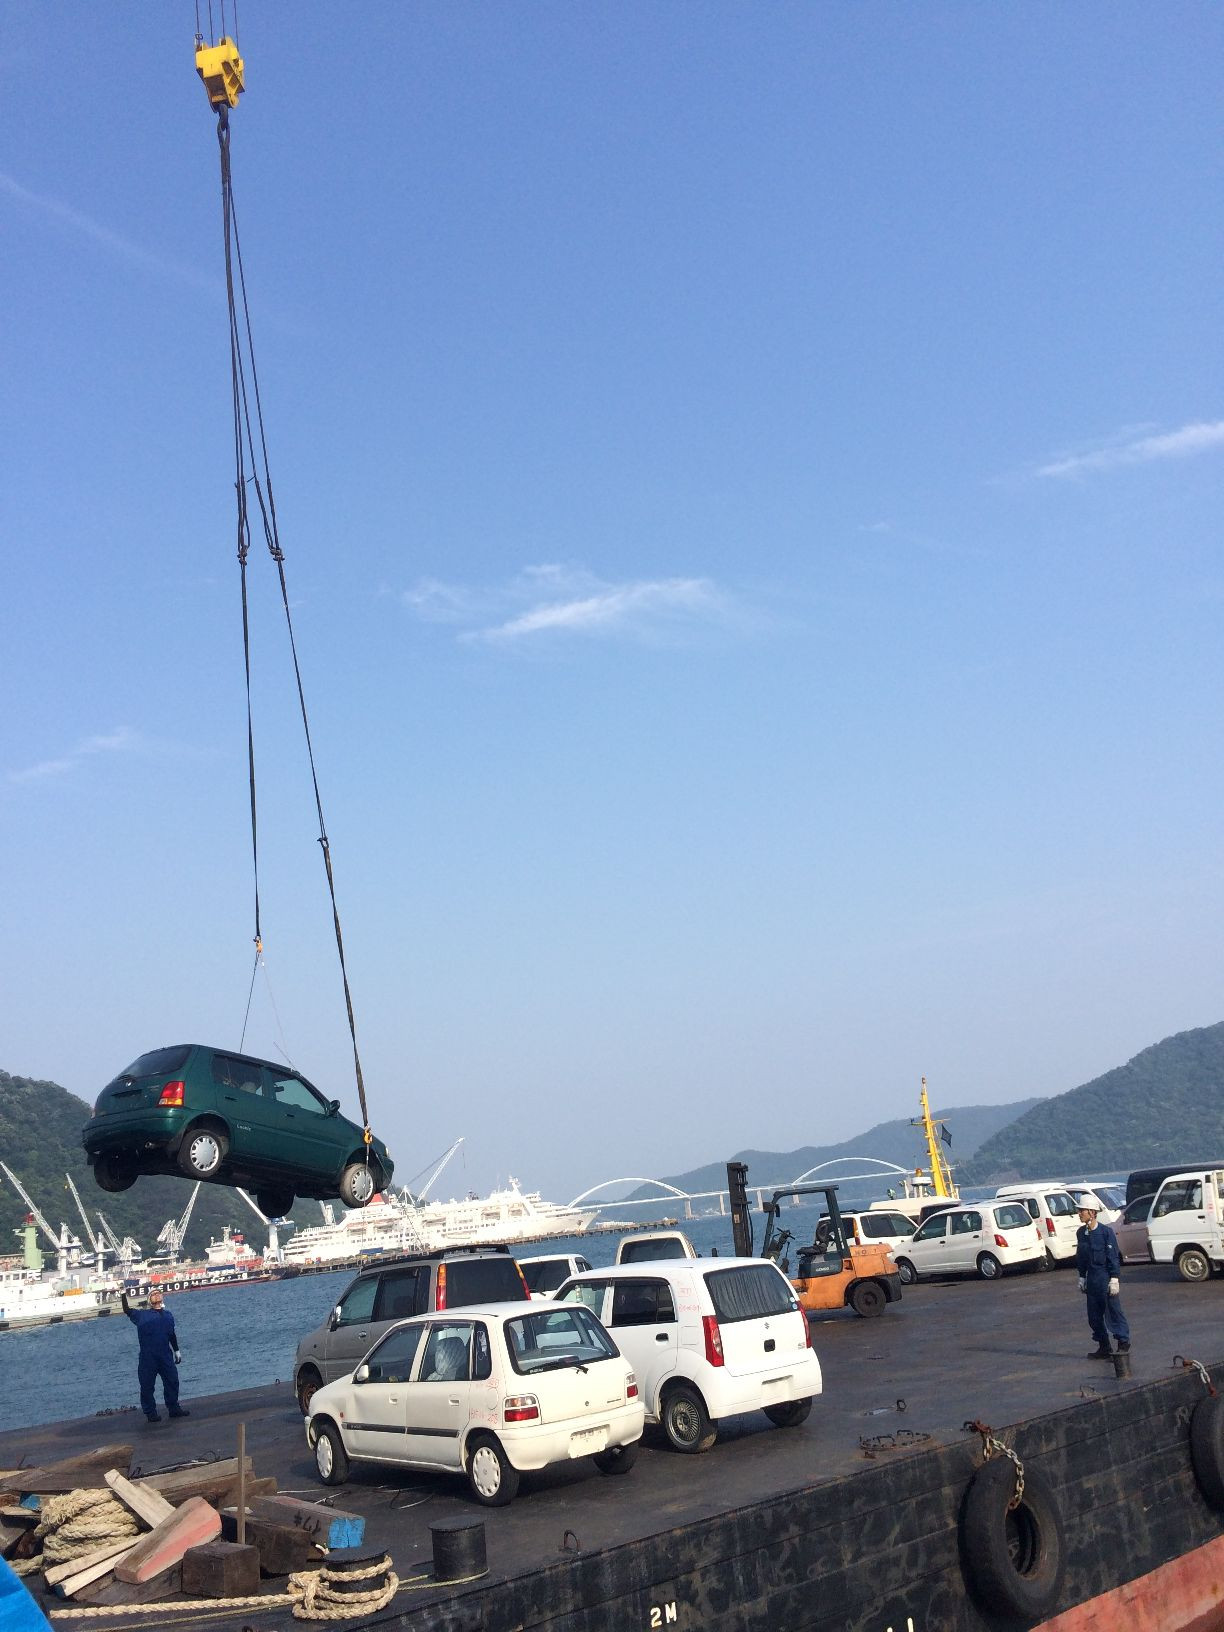 ツネイシCバリューズ株式会社、今年で12回目の離島支援活動~使用済み自動車回収し、瀬戸内海の環境を守る~